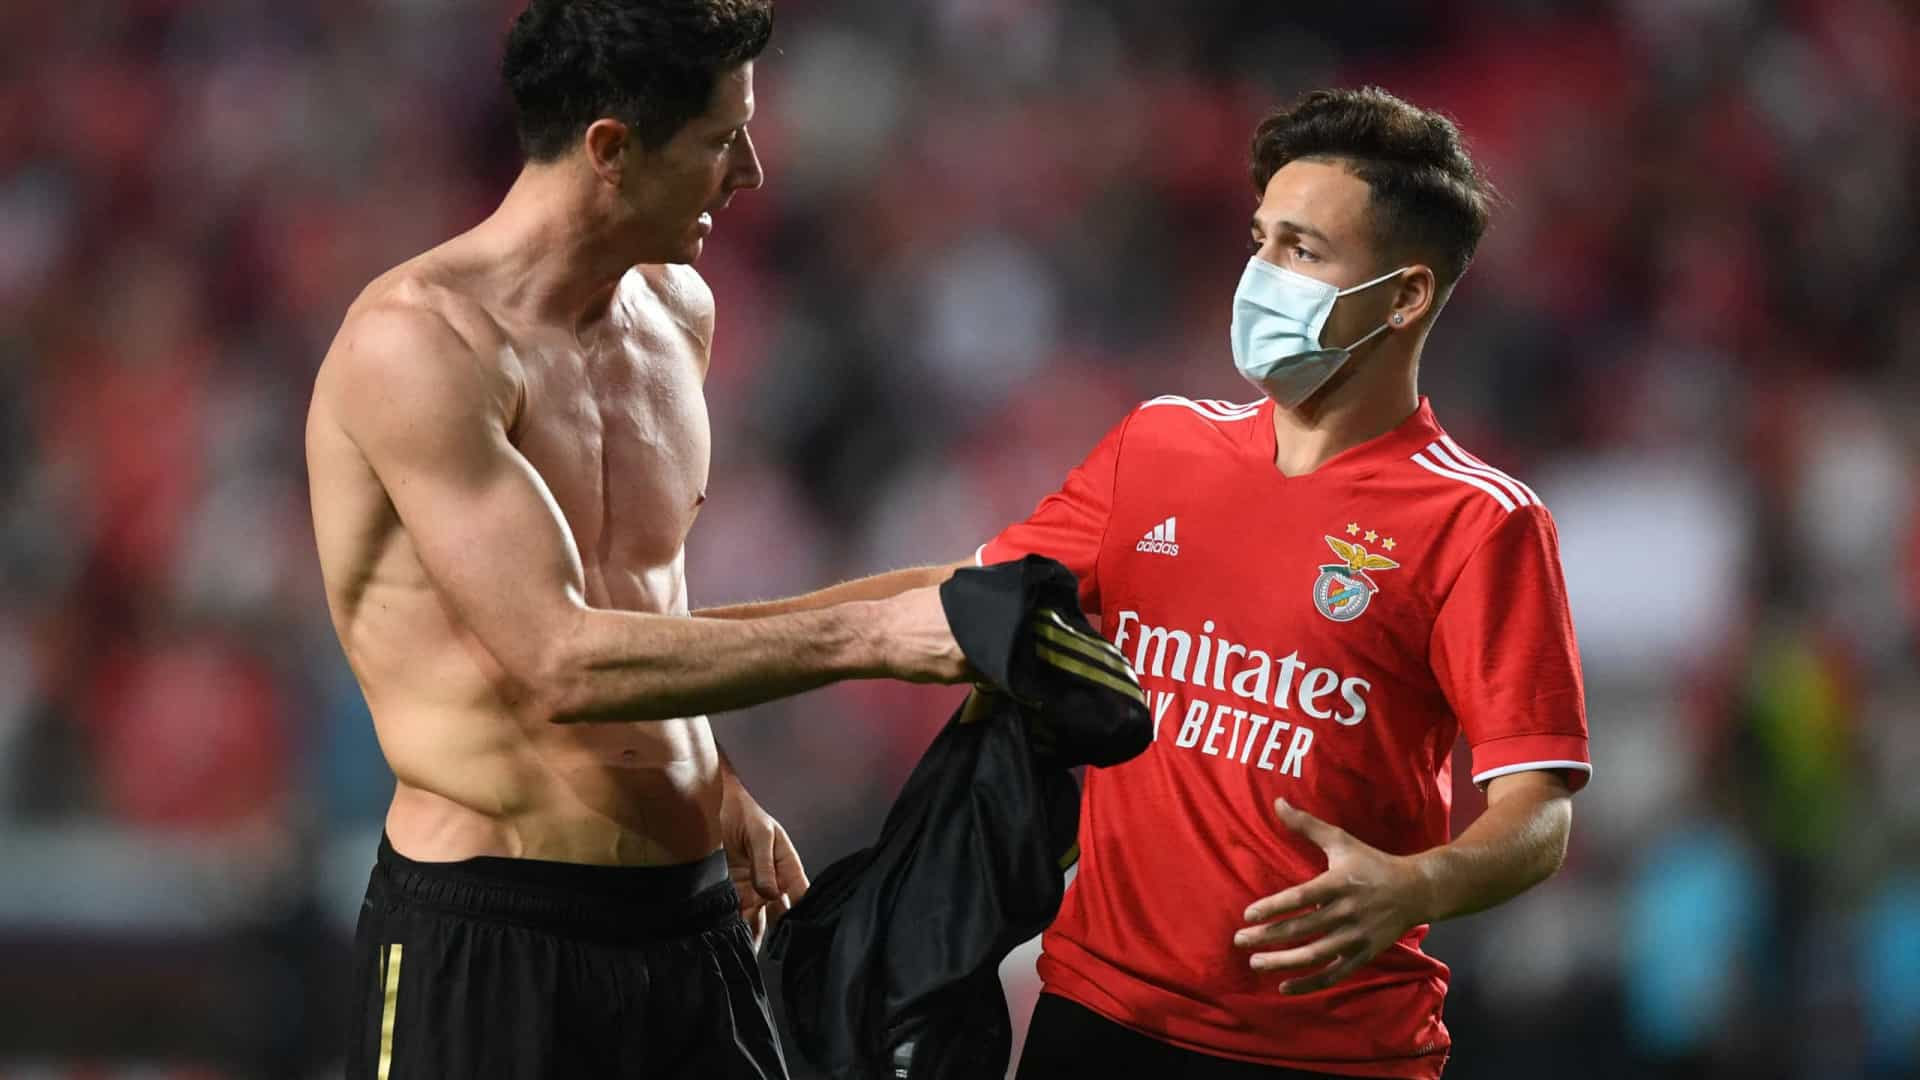 Um presente memorável: Lewandowski ofereceu camisola a adepto do Benfica